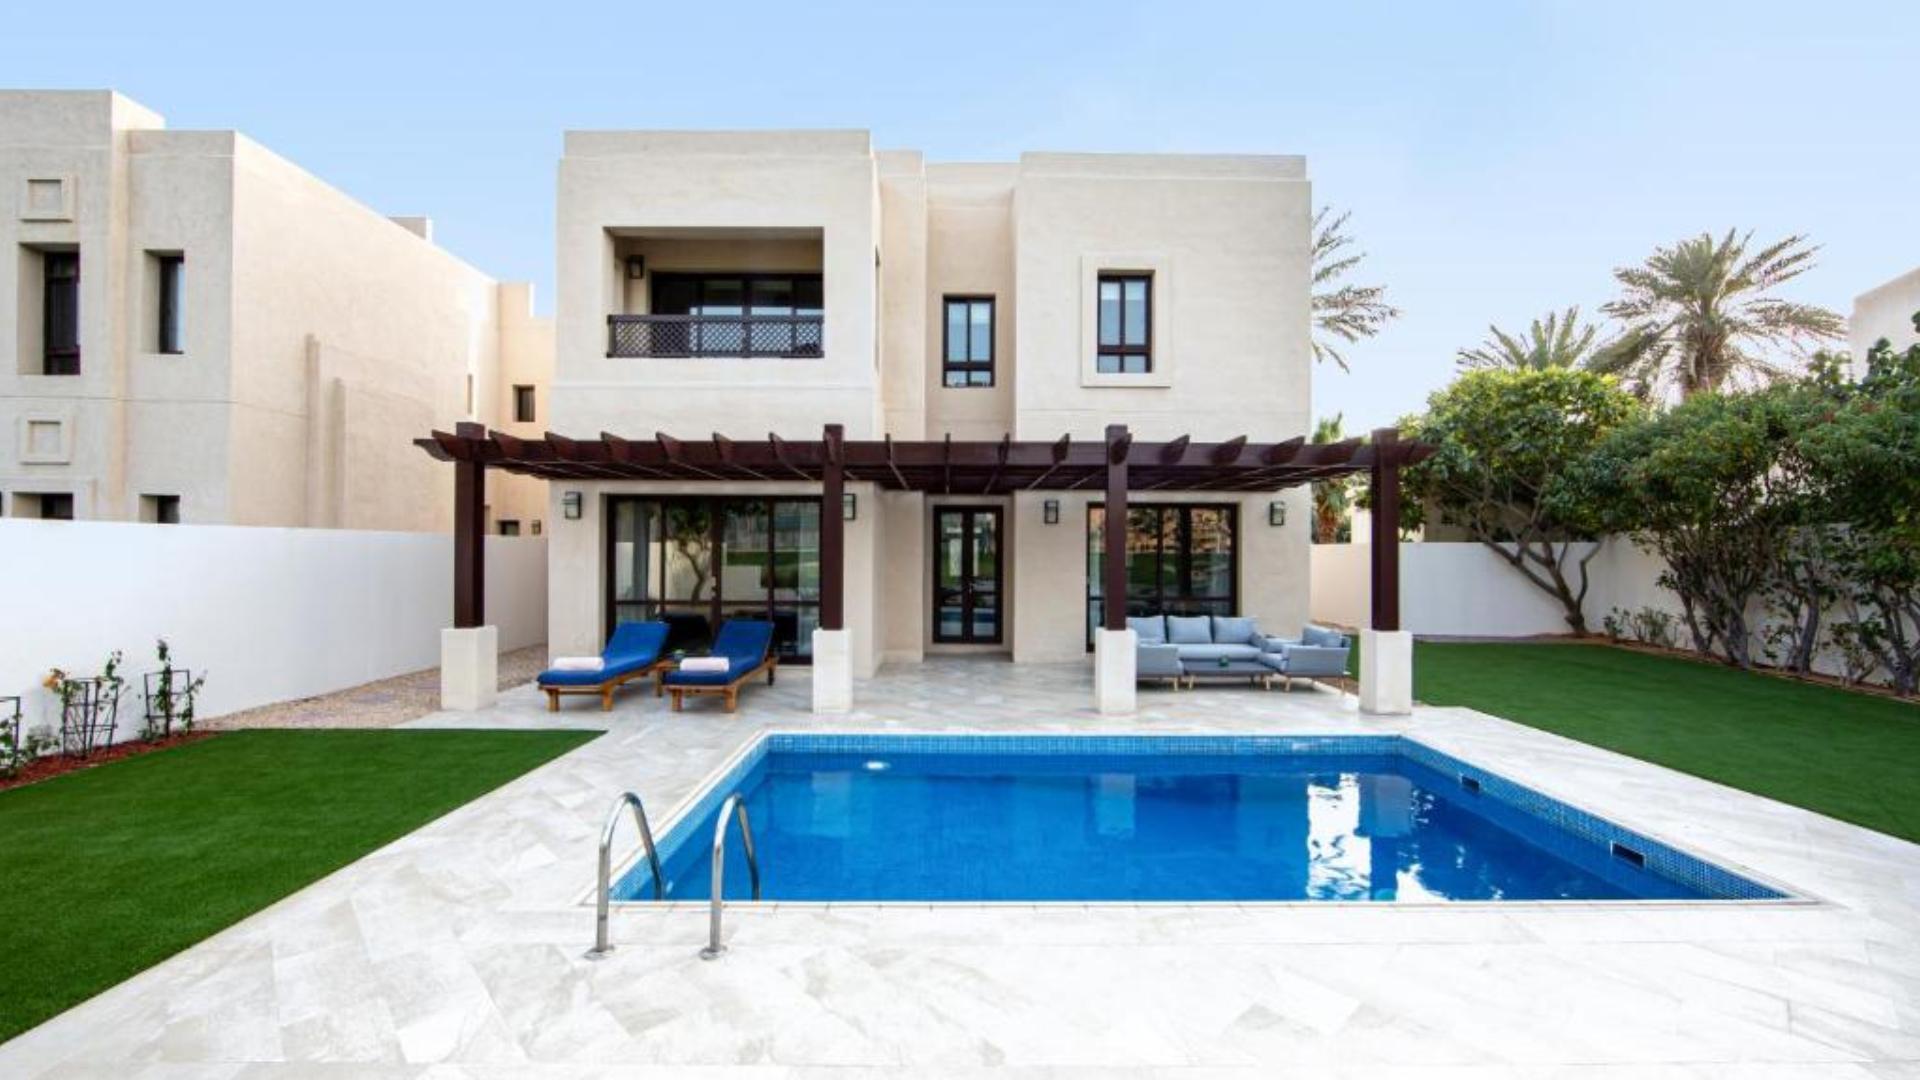 Villa en venta en Dubai, EAU, 4 dormitorios, 313 m2, № 24144 – foto 2